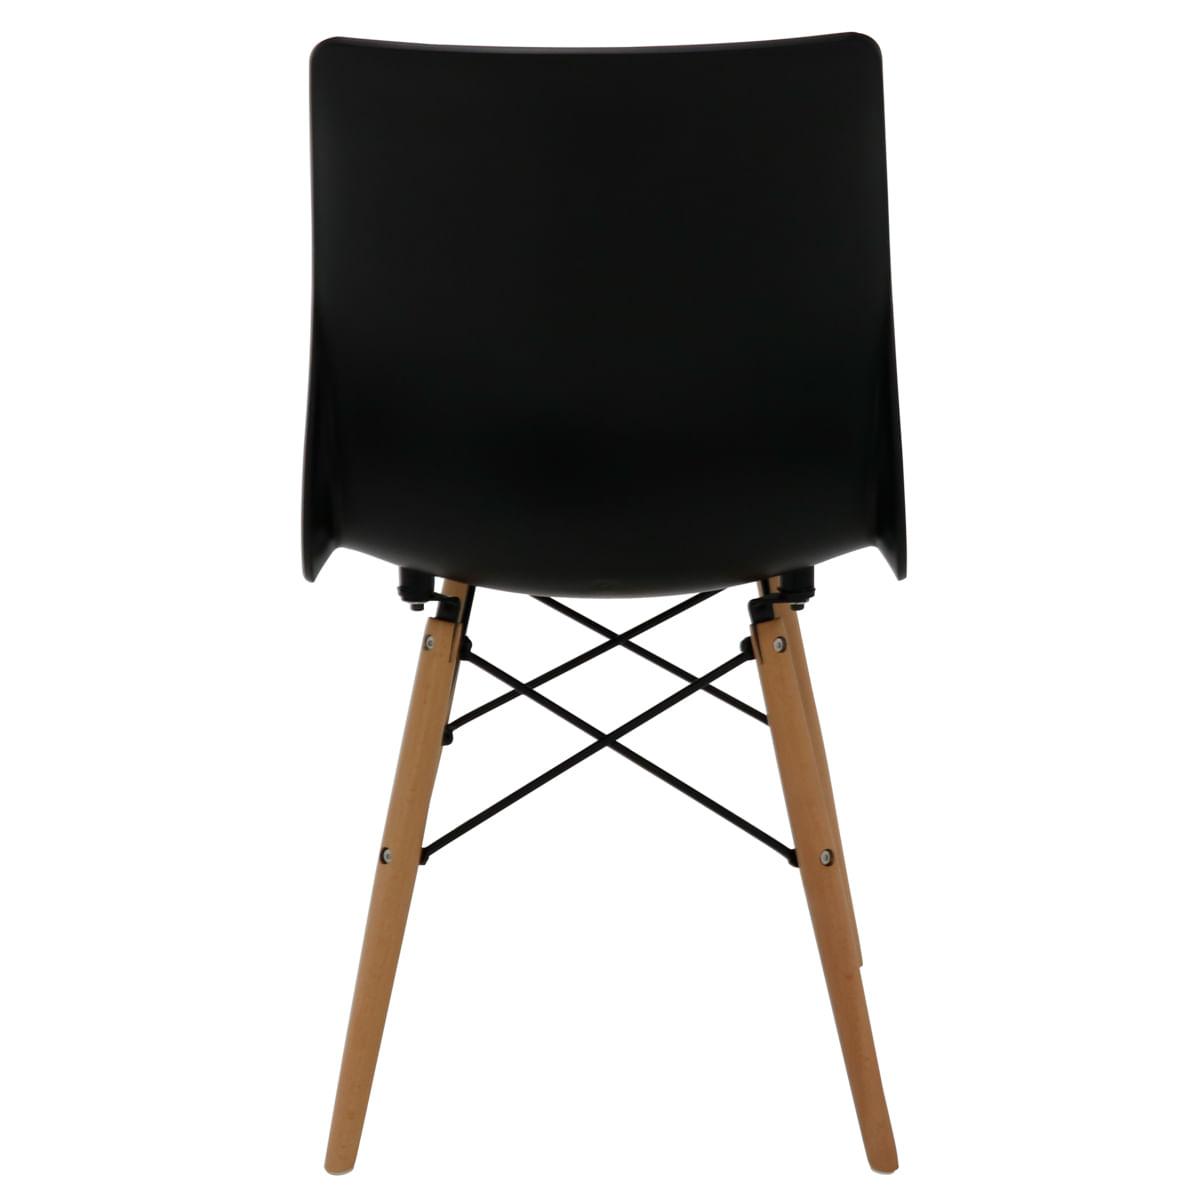 Cadeira Tramontina Maja Unicolor 3D em Polipropileno Preto com Base em Madeira Faia